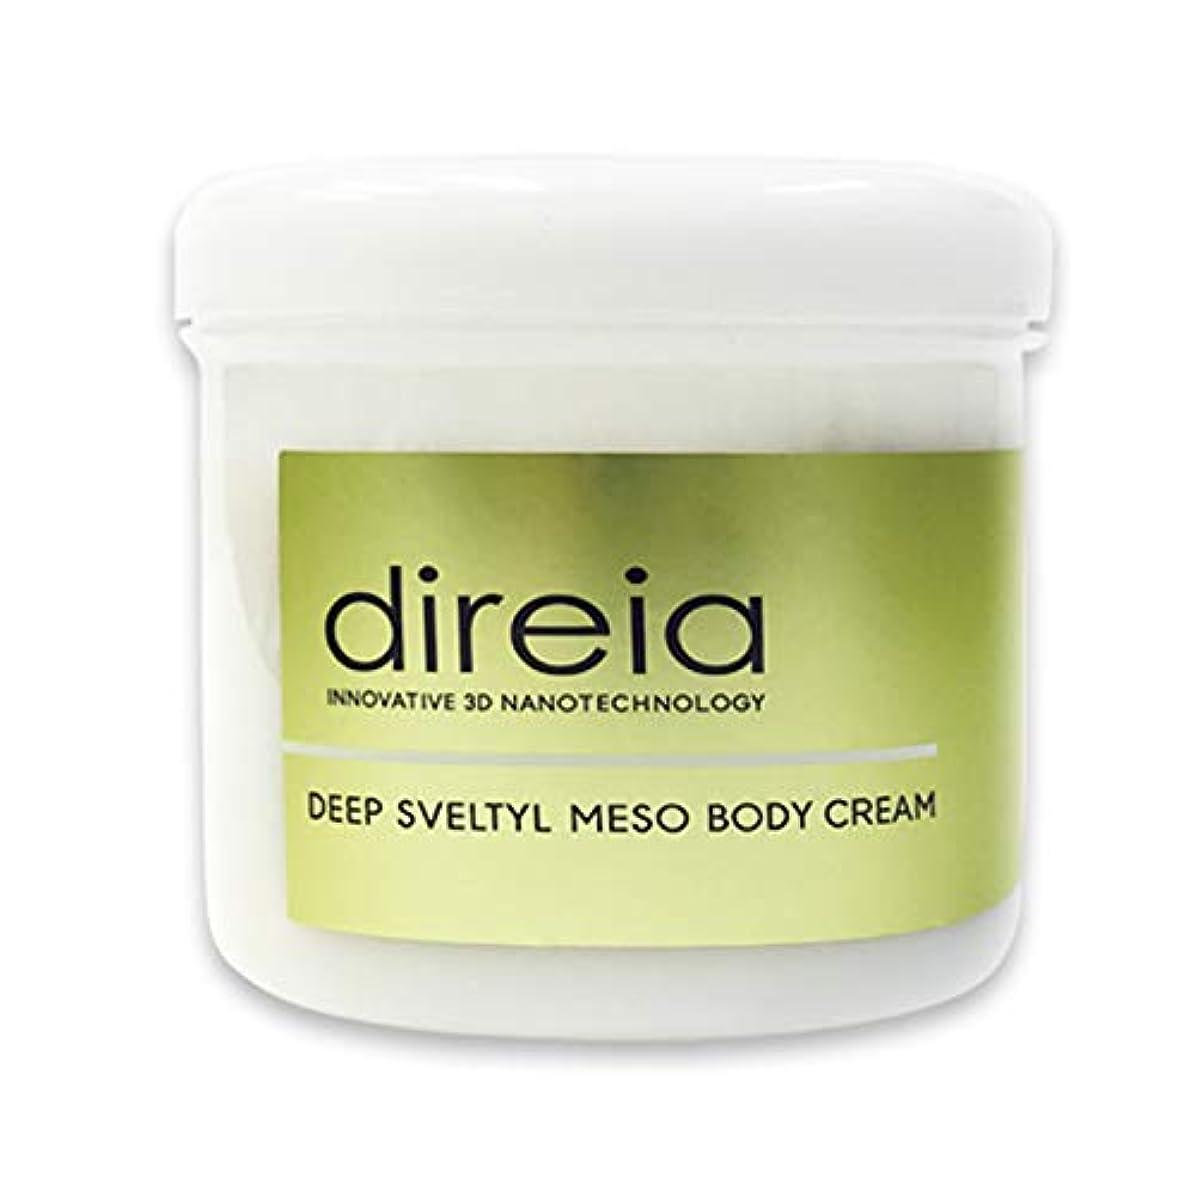 昨日意味のある秋ディレイア ナノテクノロジー コアカプセル ディープ スベルティル メソボディクリーム 400g 業務用 direia deep sveltyl mesobody cream